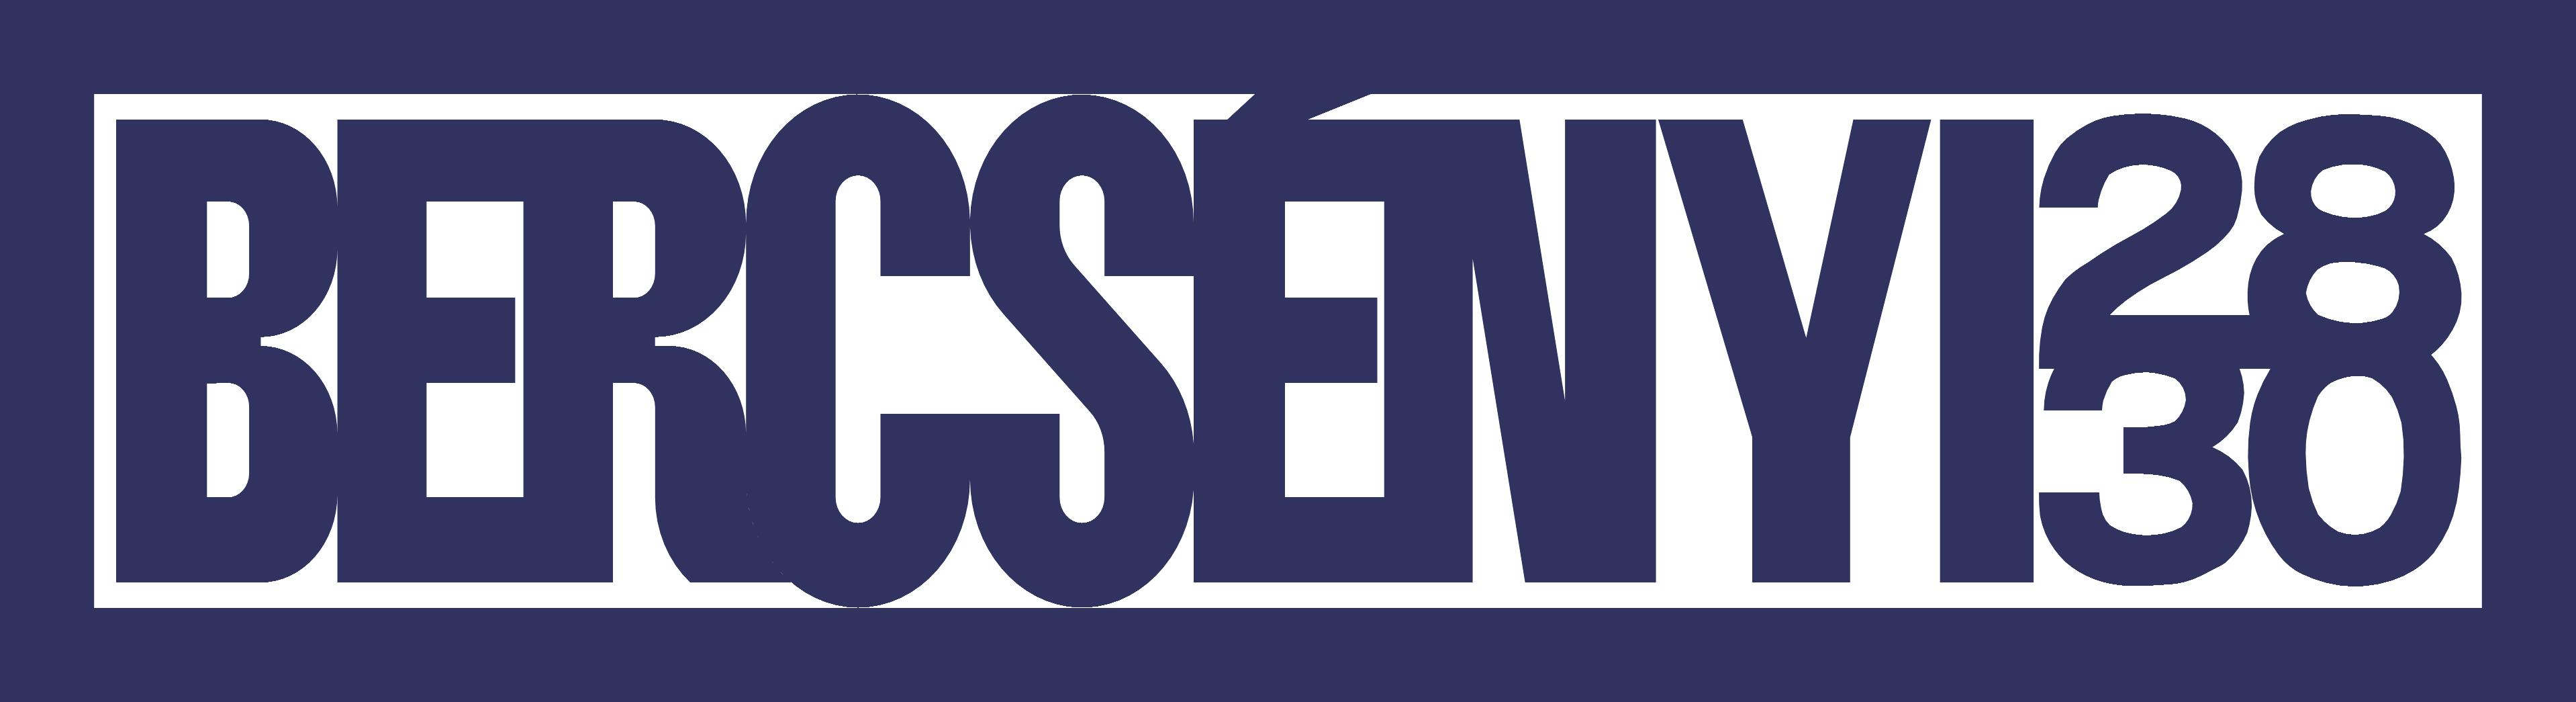 bercsényi logo